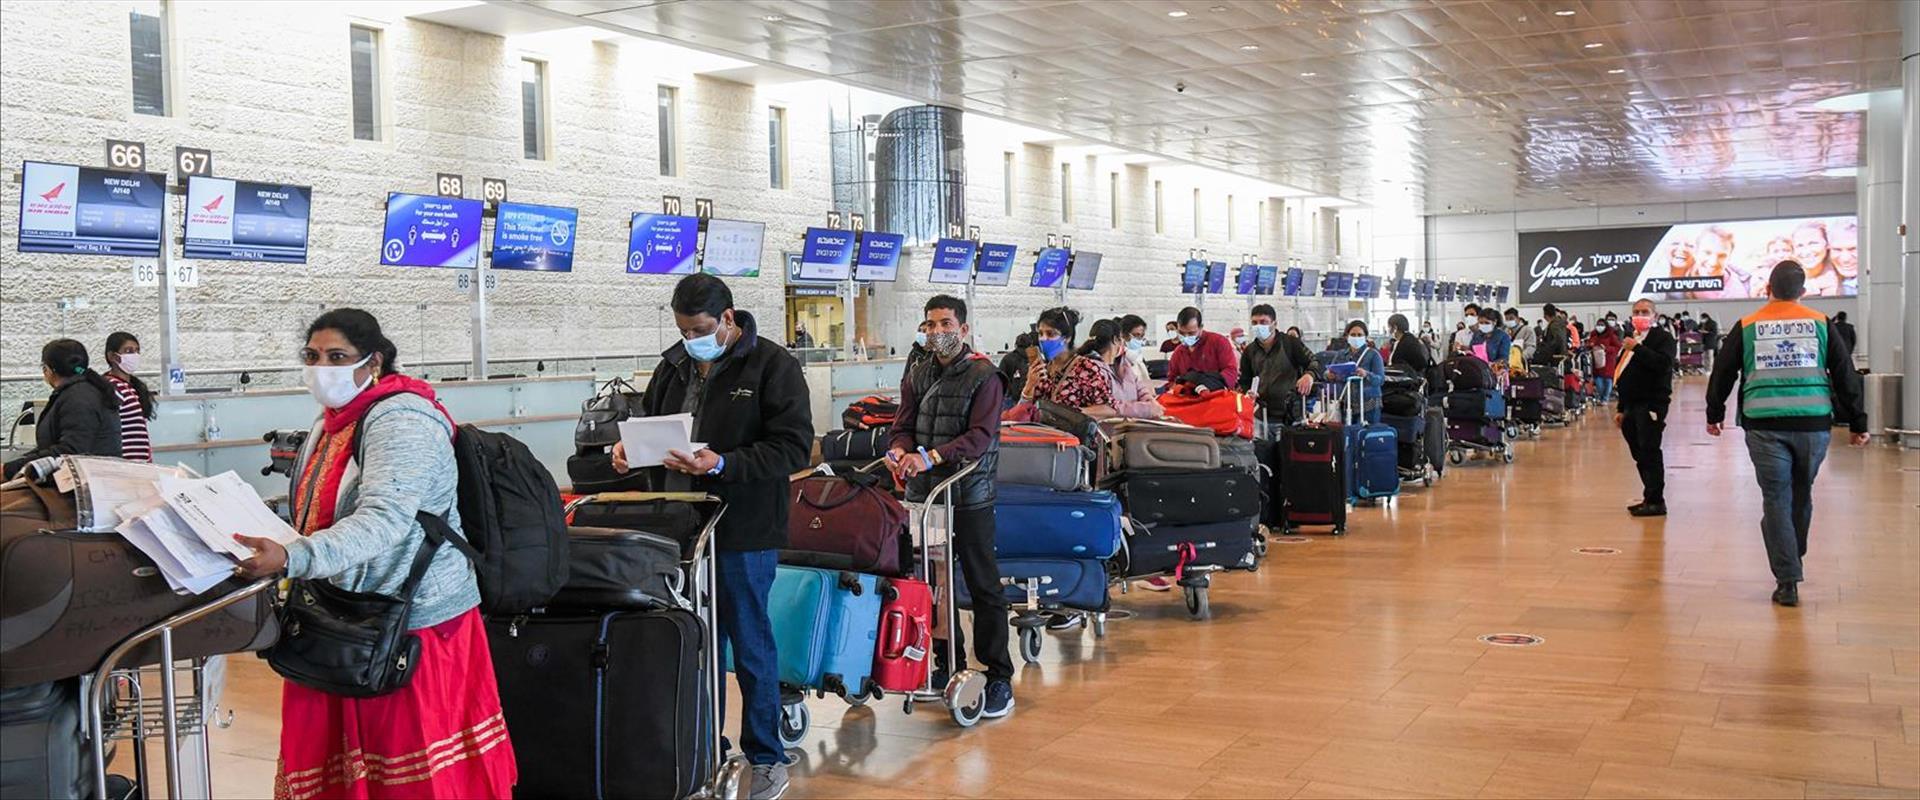 נמל התעופה בן גוריון, ארכיון